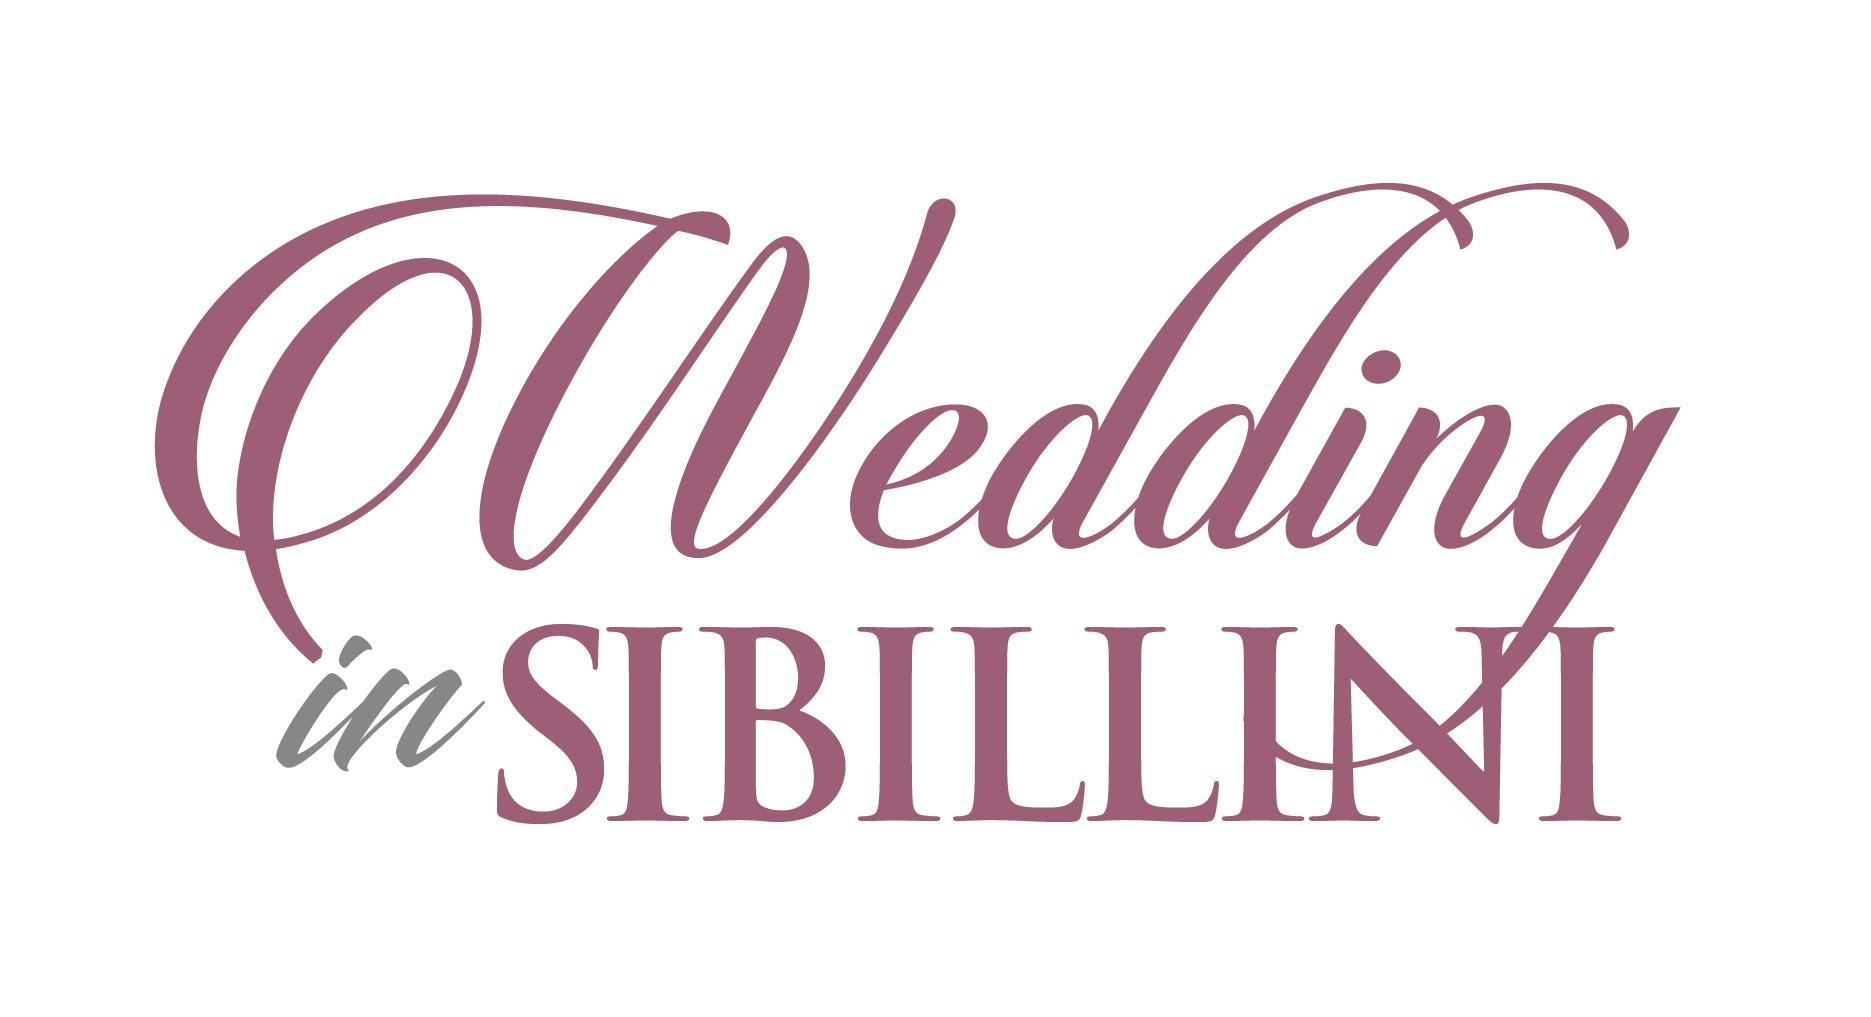 Portofolio - Wedding in Sibillini - Eleonora Tosco comunicazione